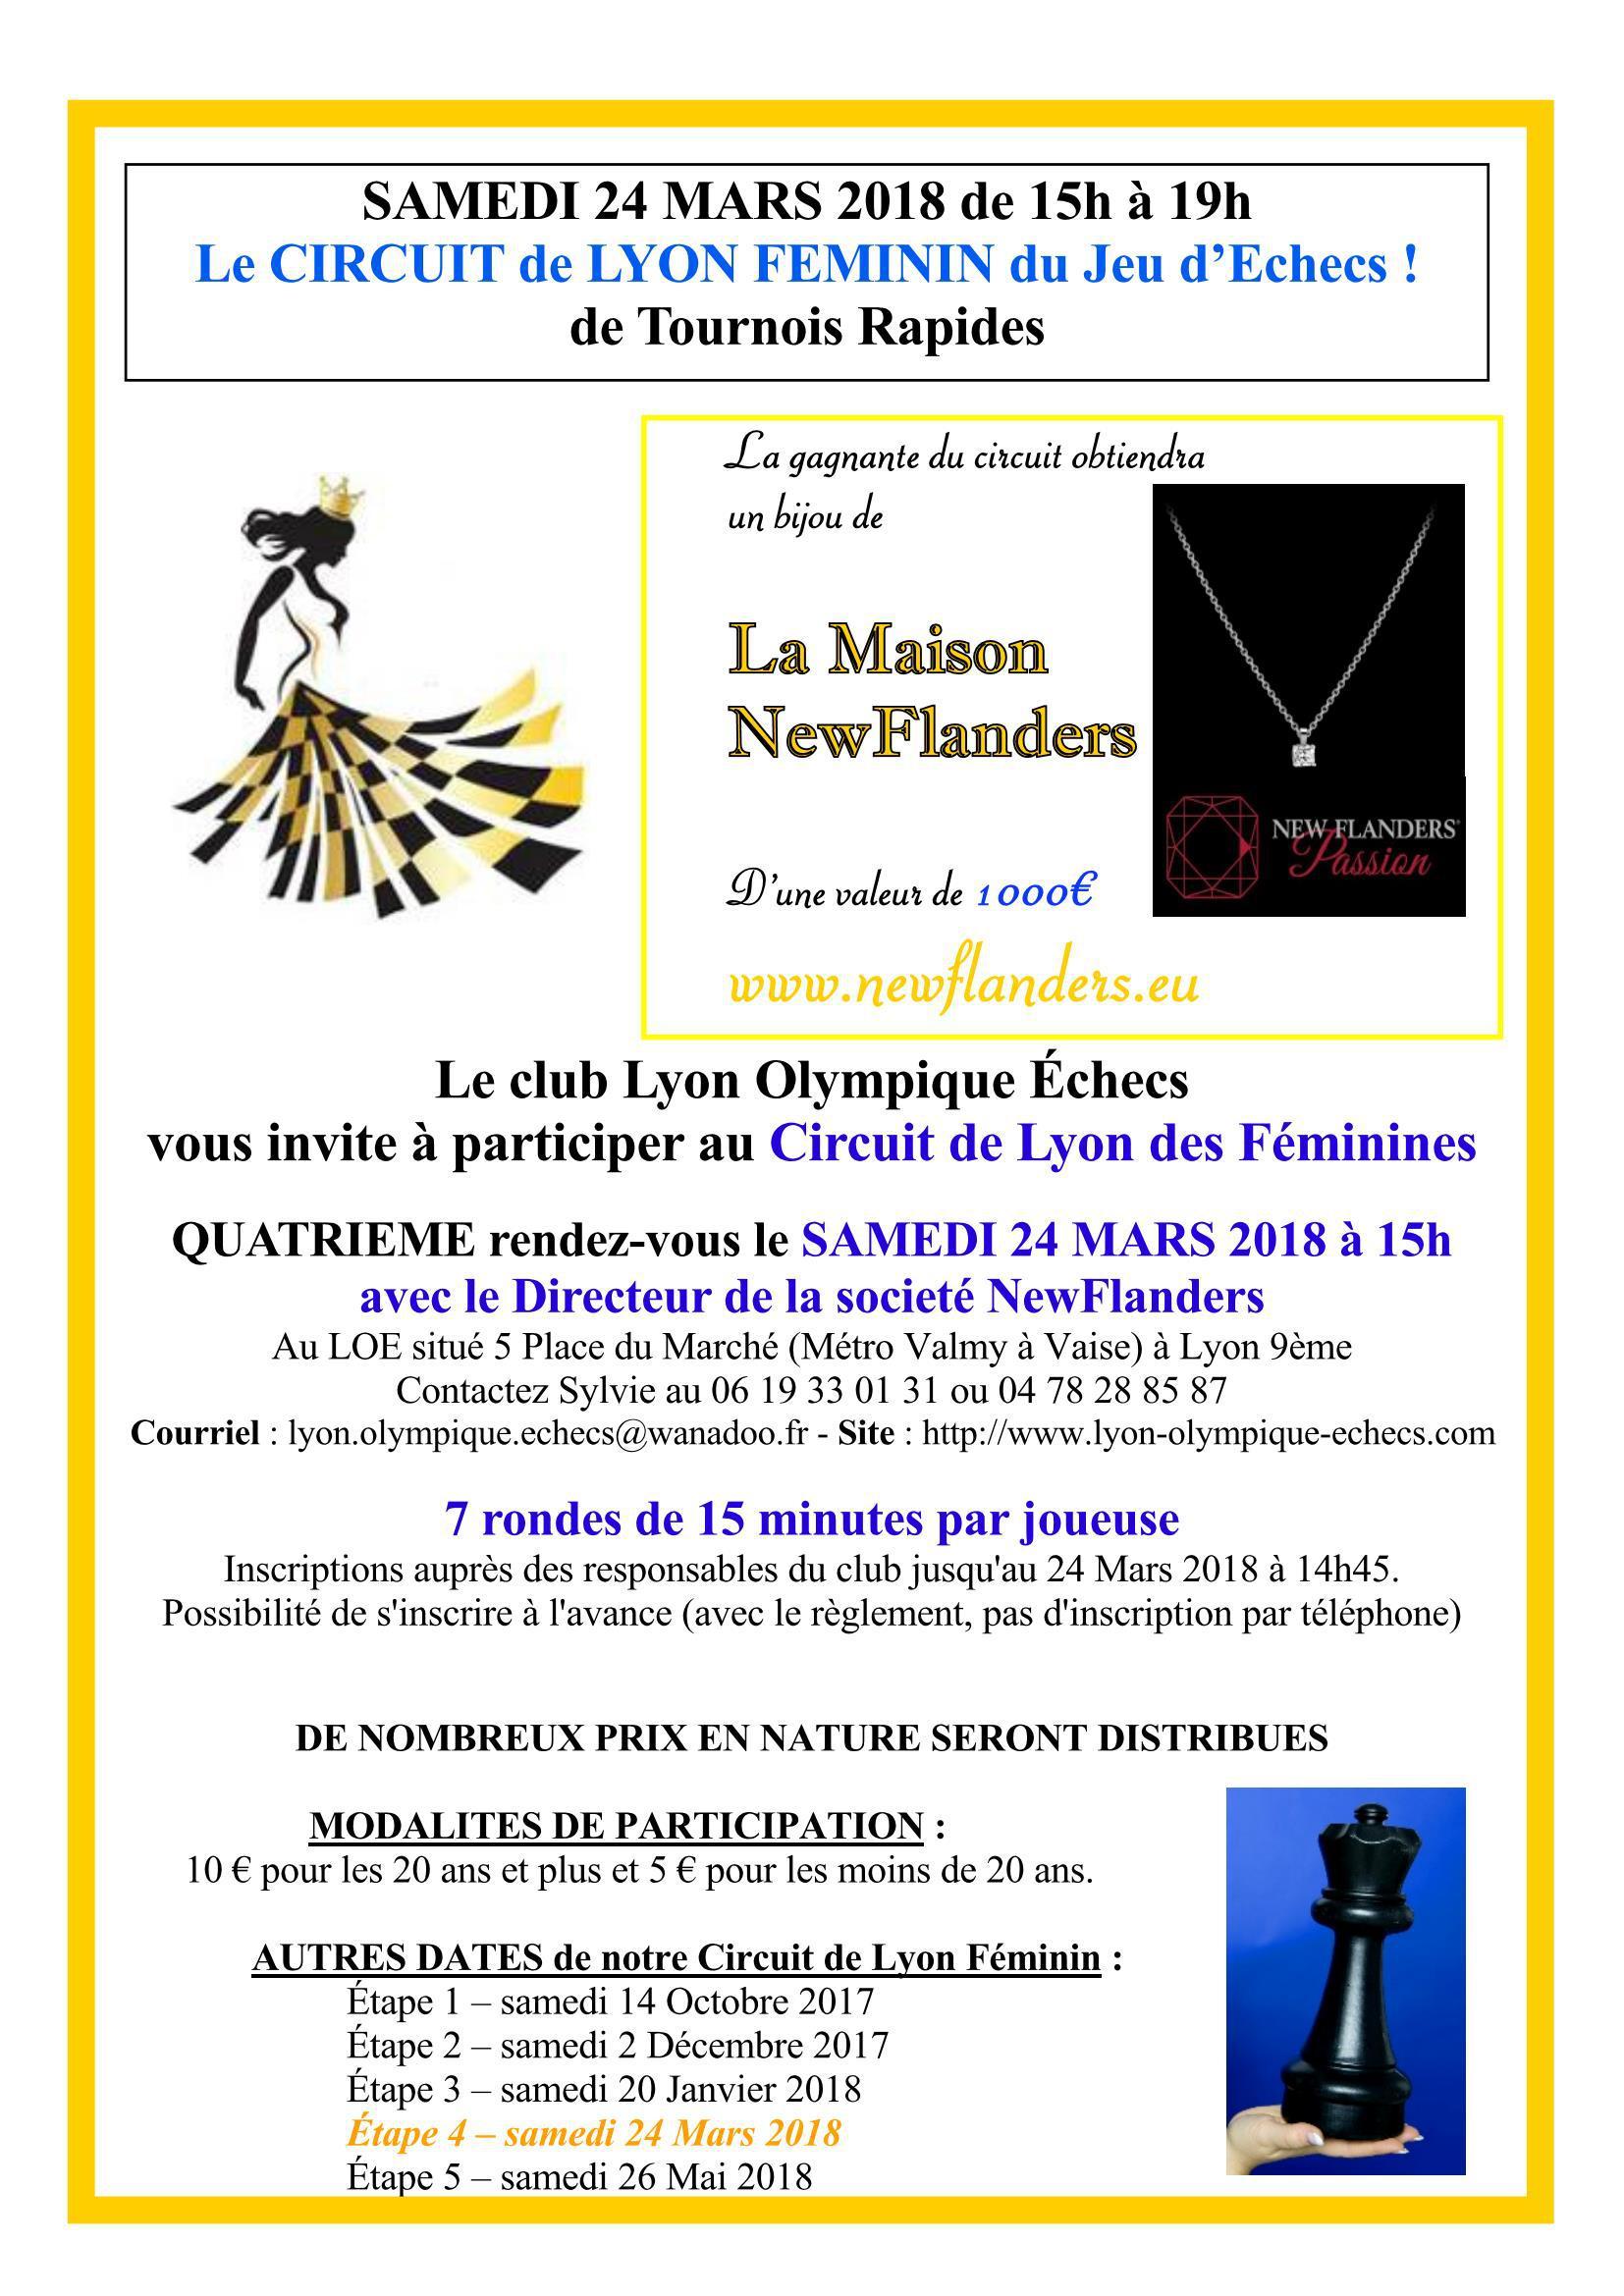 4ème étape du Circuit Féminin de Lyon ce samedi 24 mars à 15h au LOE ! Et un tournoi ouvert à tous simultanément !